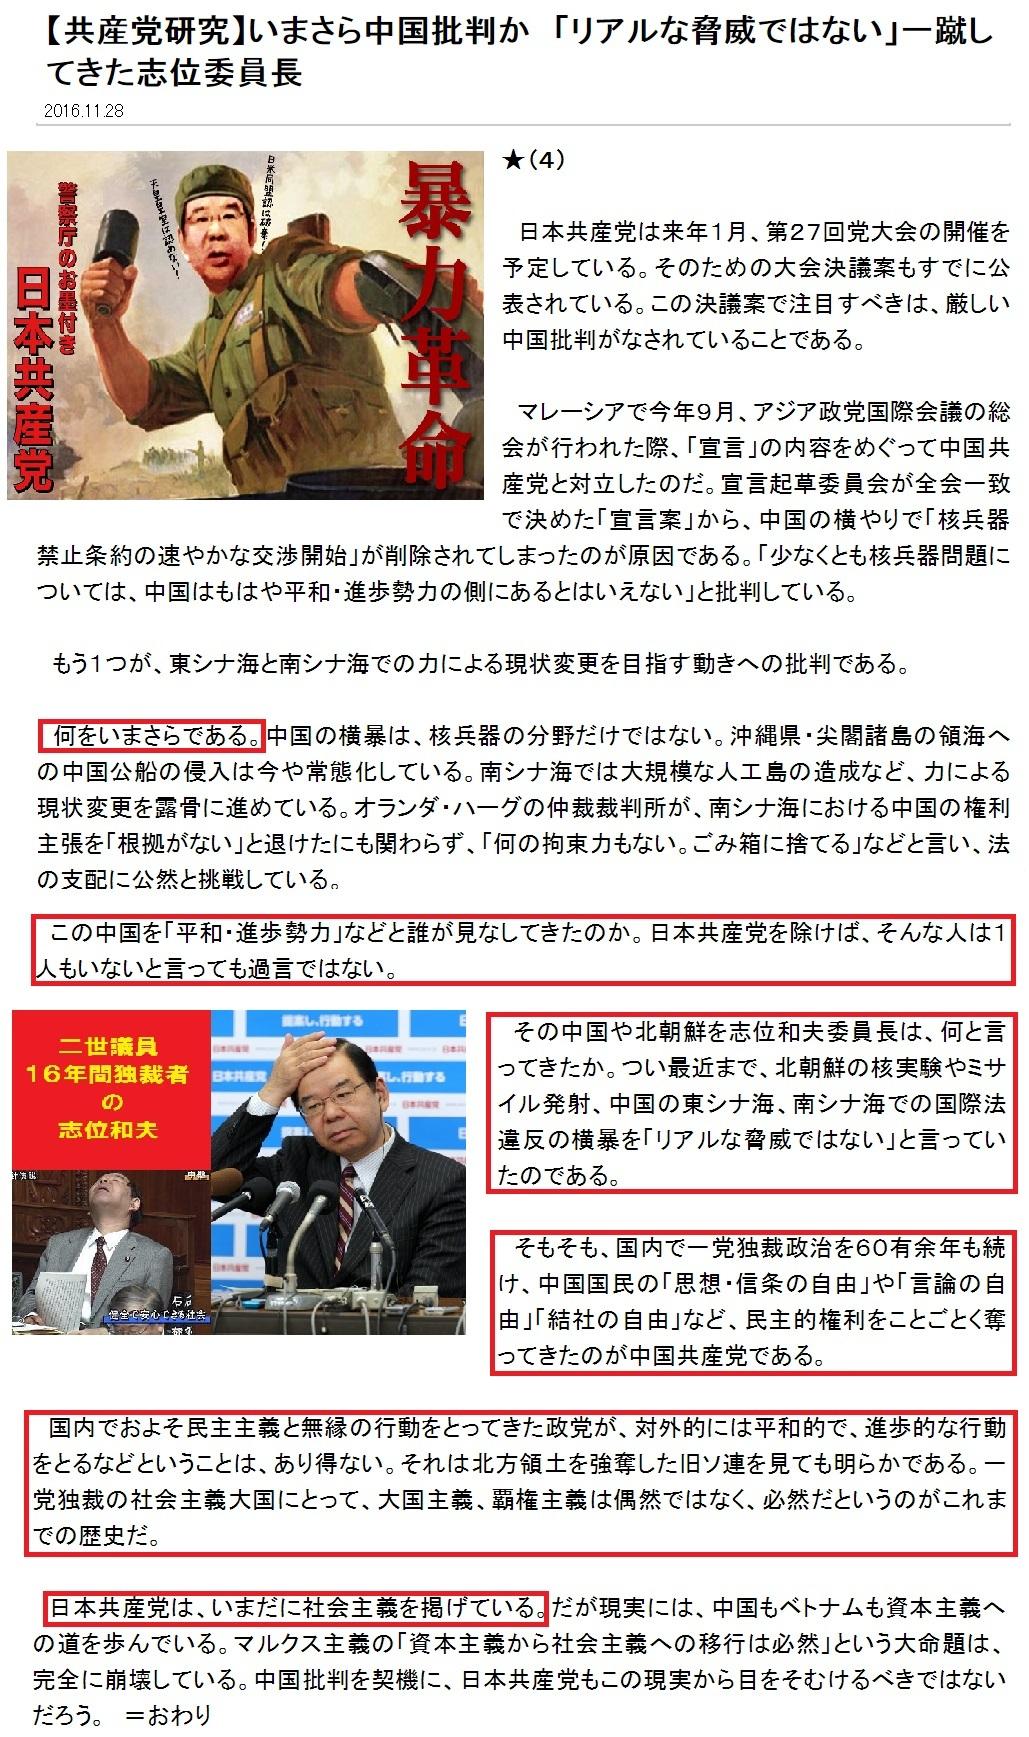 シナ共産党との関係が深い志位共産党